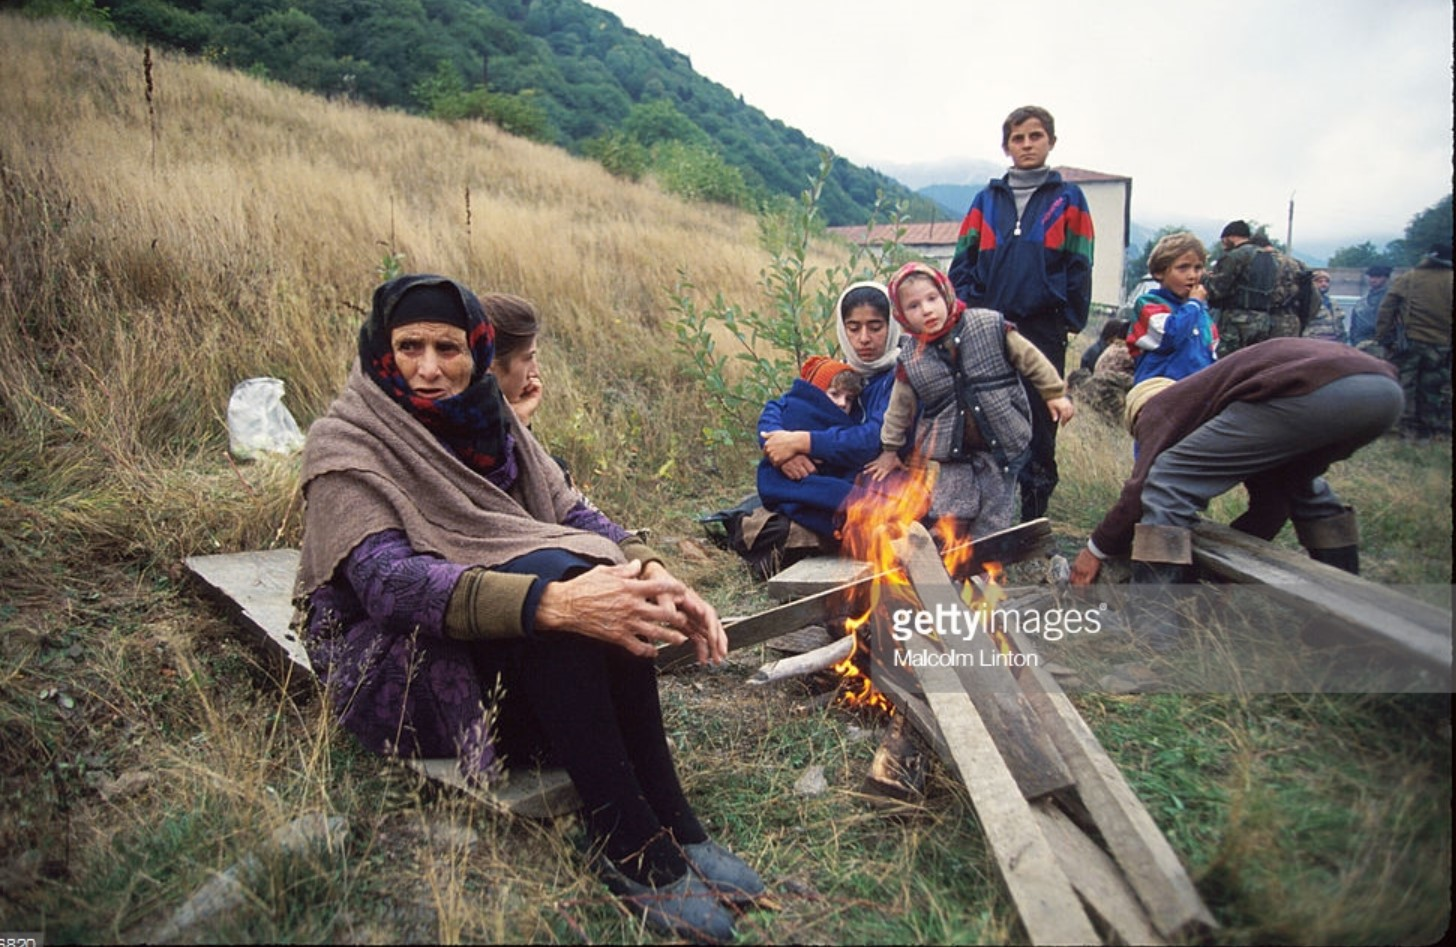 1993. 29 сентября. Окрестности Сухуми. Группа беженцев сидит возле костра